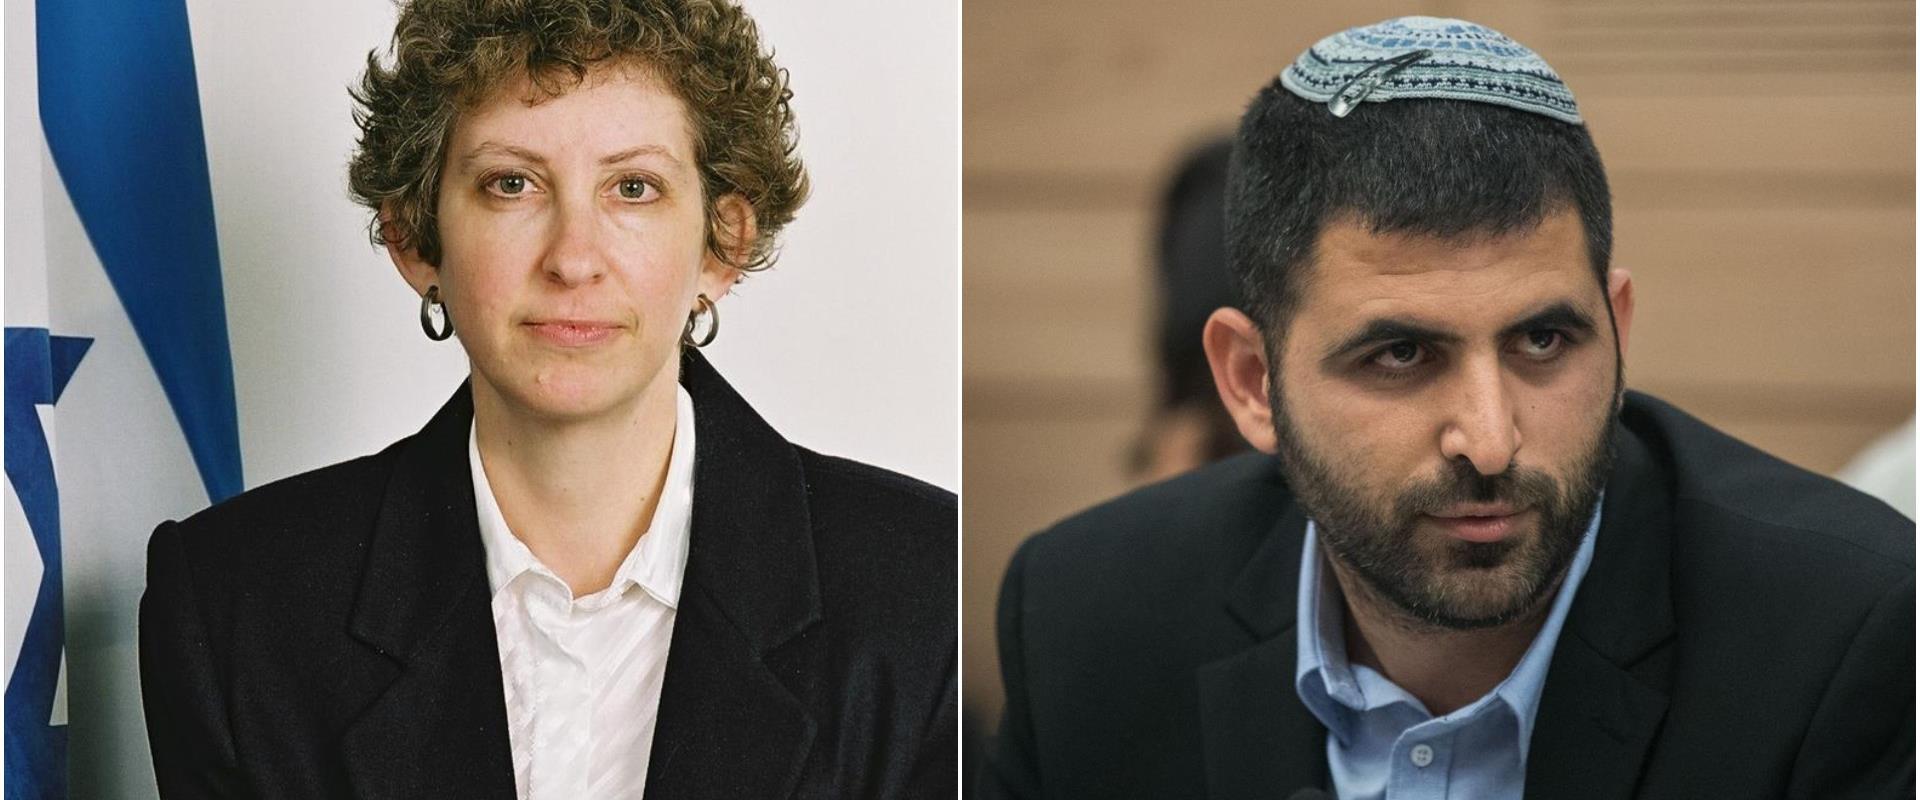 השופטת וחבר הכנסת